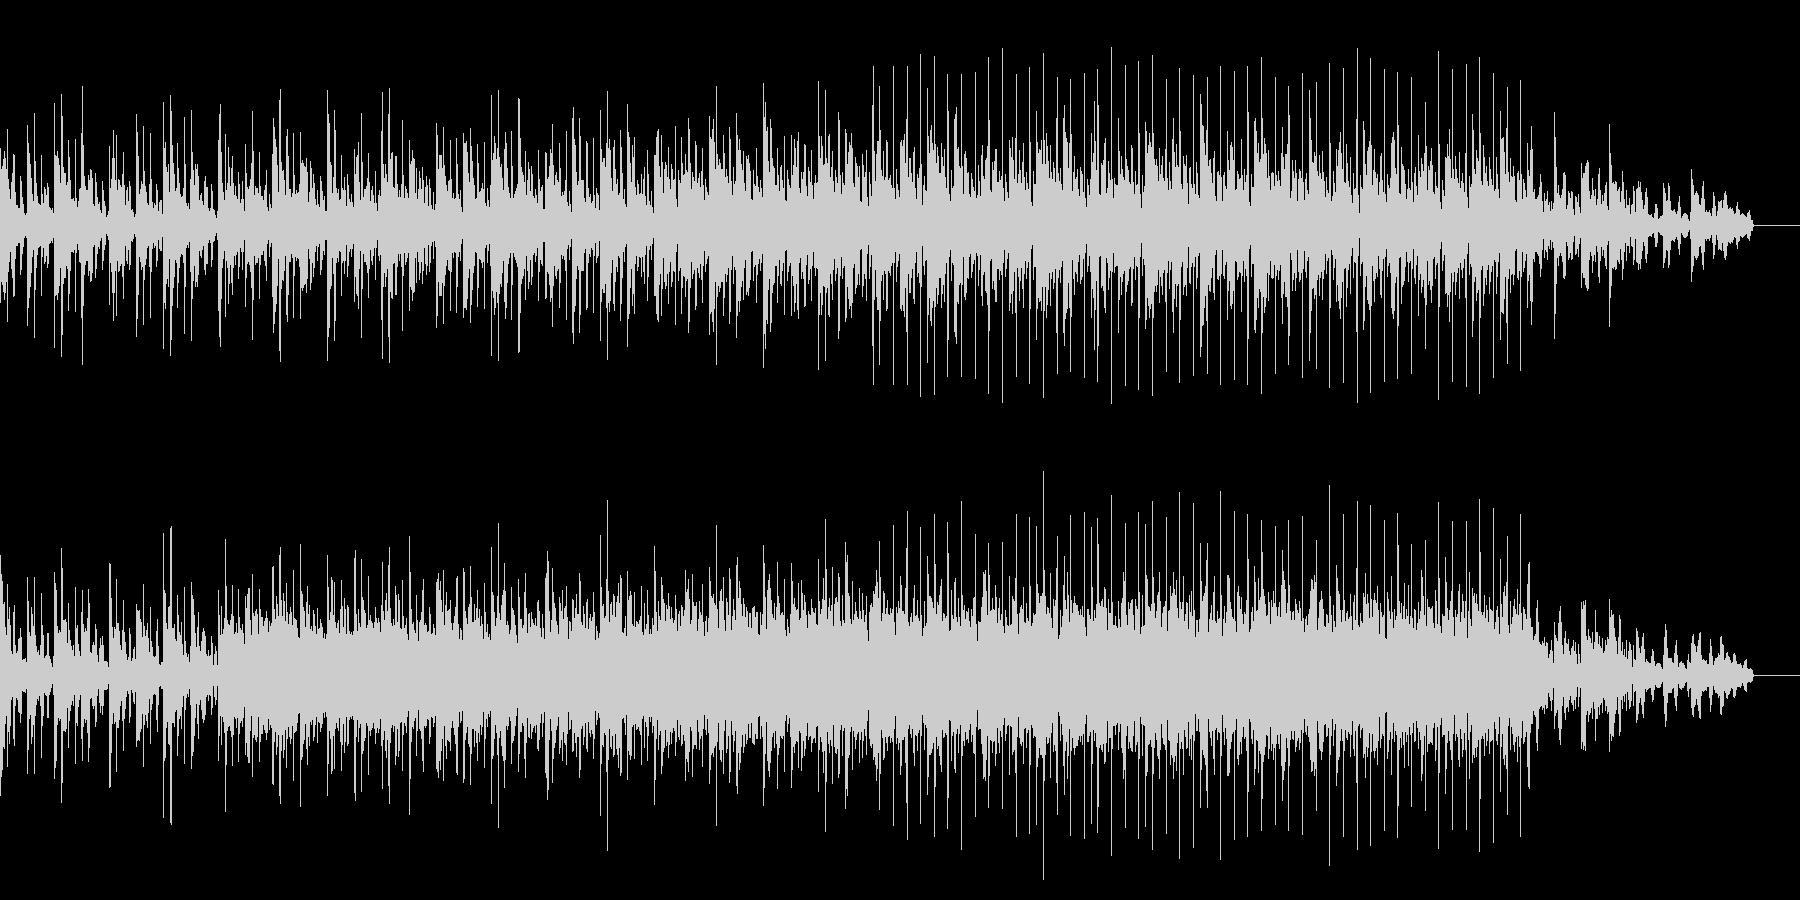 琴の音色とチルアウトな浮遊感テクノBGMの未再生の波形